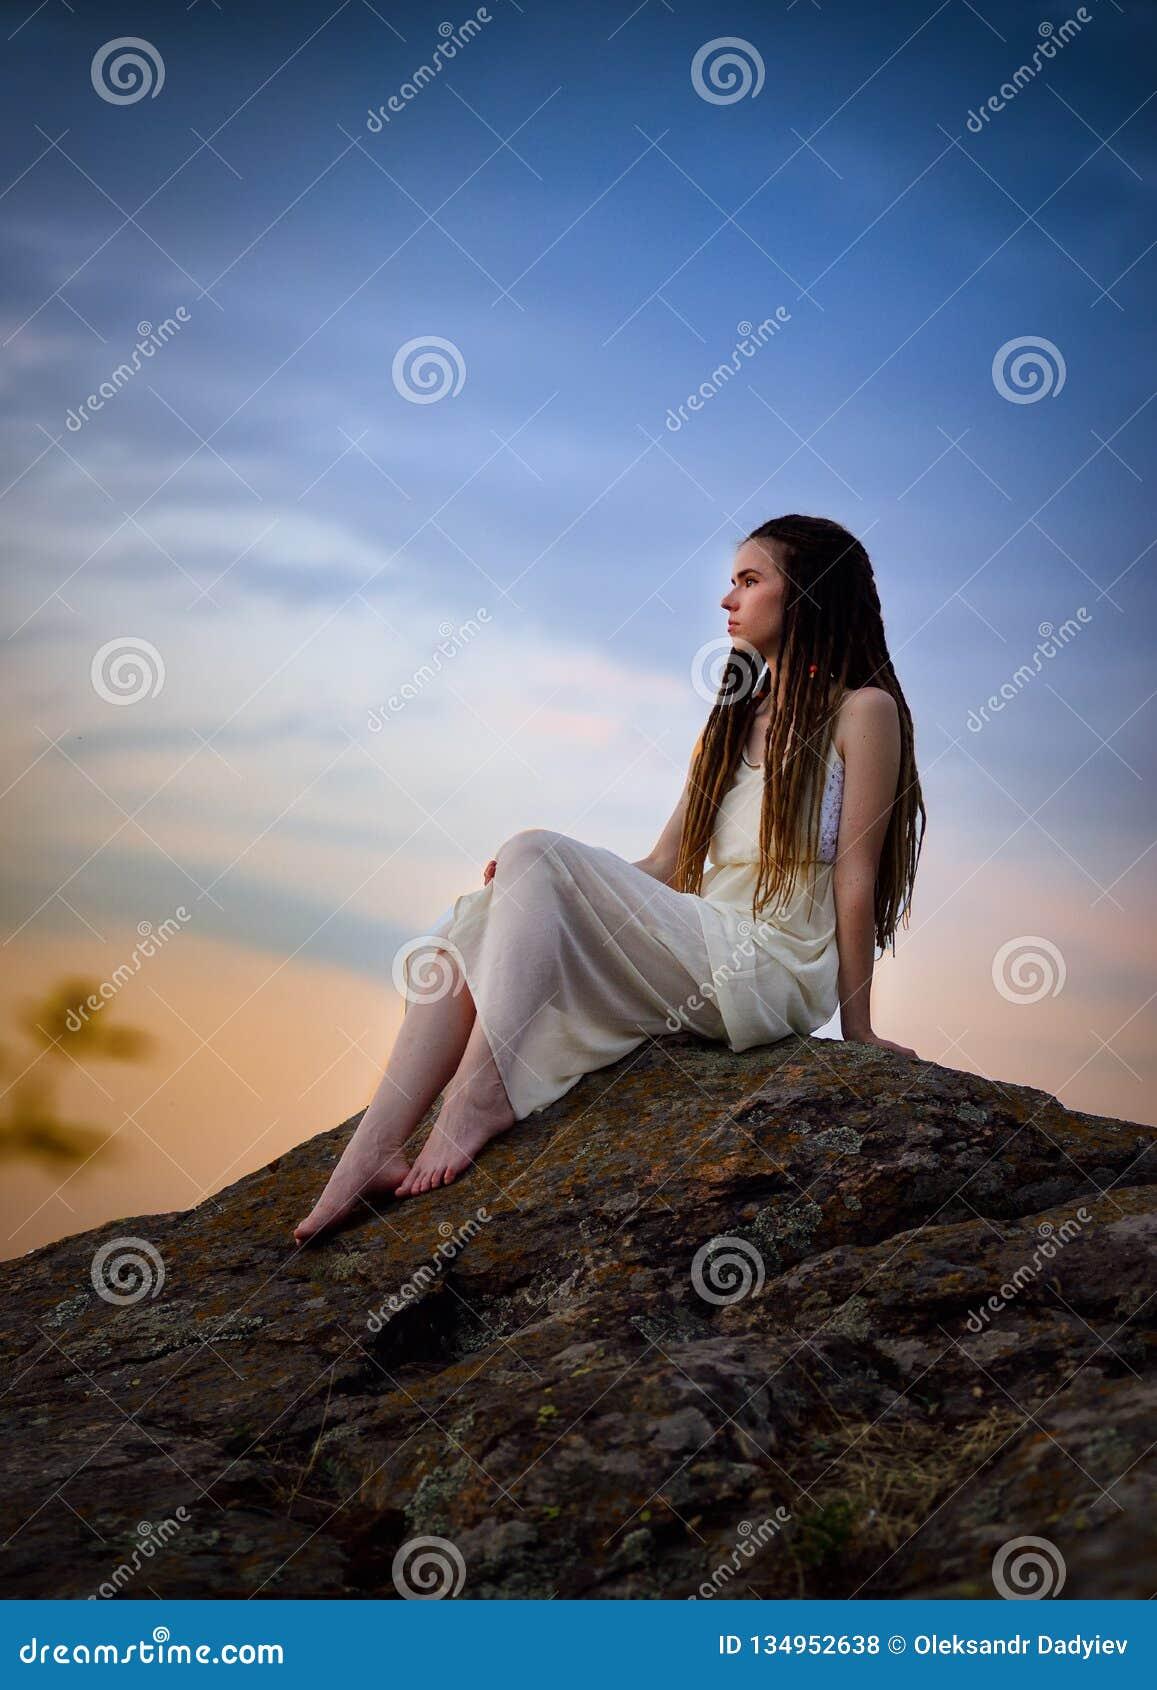 Bella ragazza stessa con i dreadlocks su una roccia in un vestito leggero